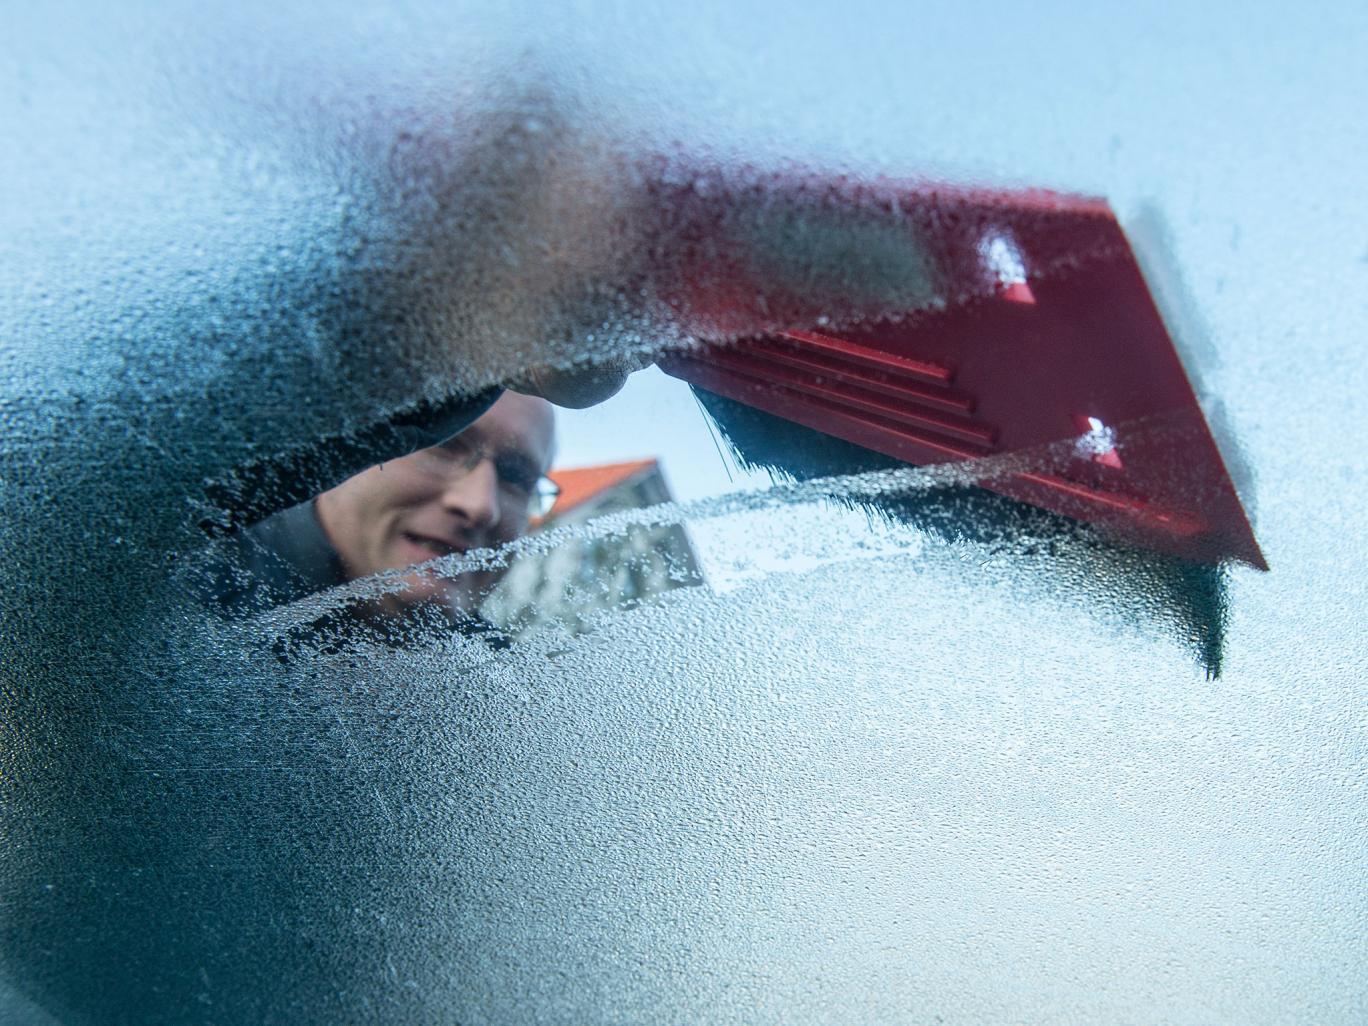 ВИДЕО: Како да го одмрзнете ветробранското стакло веднаш?